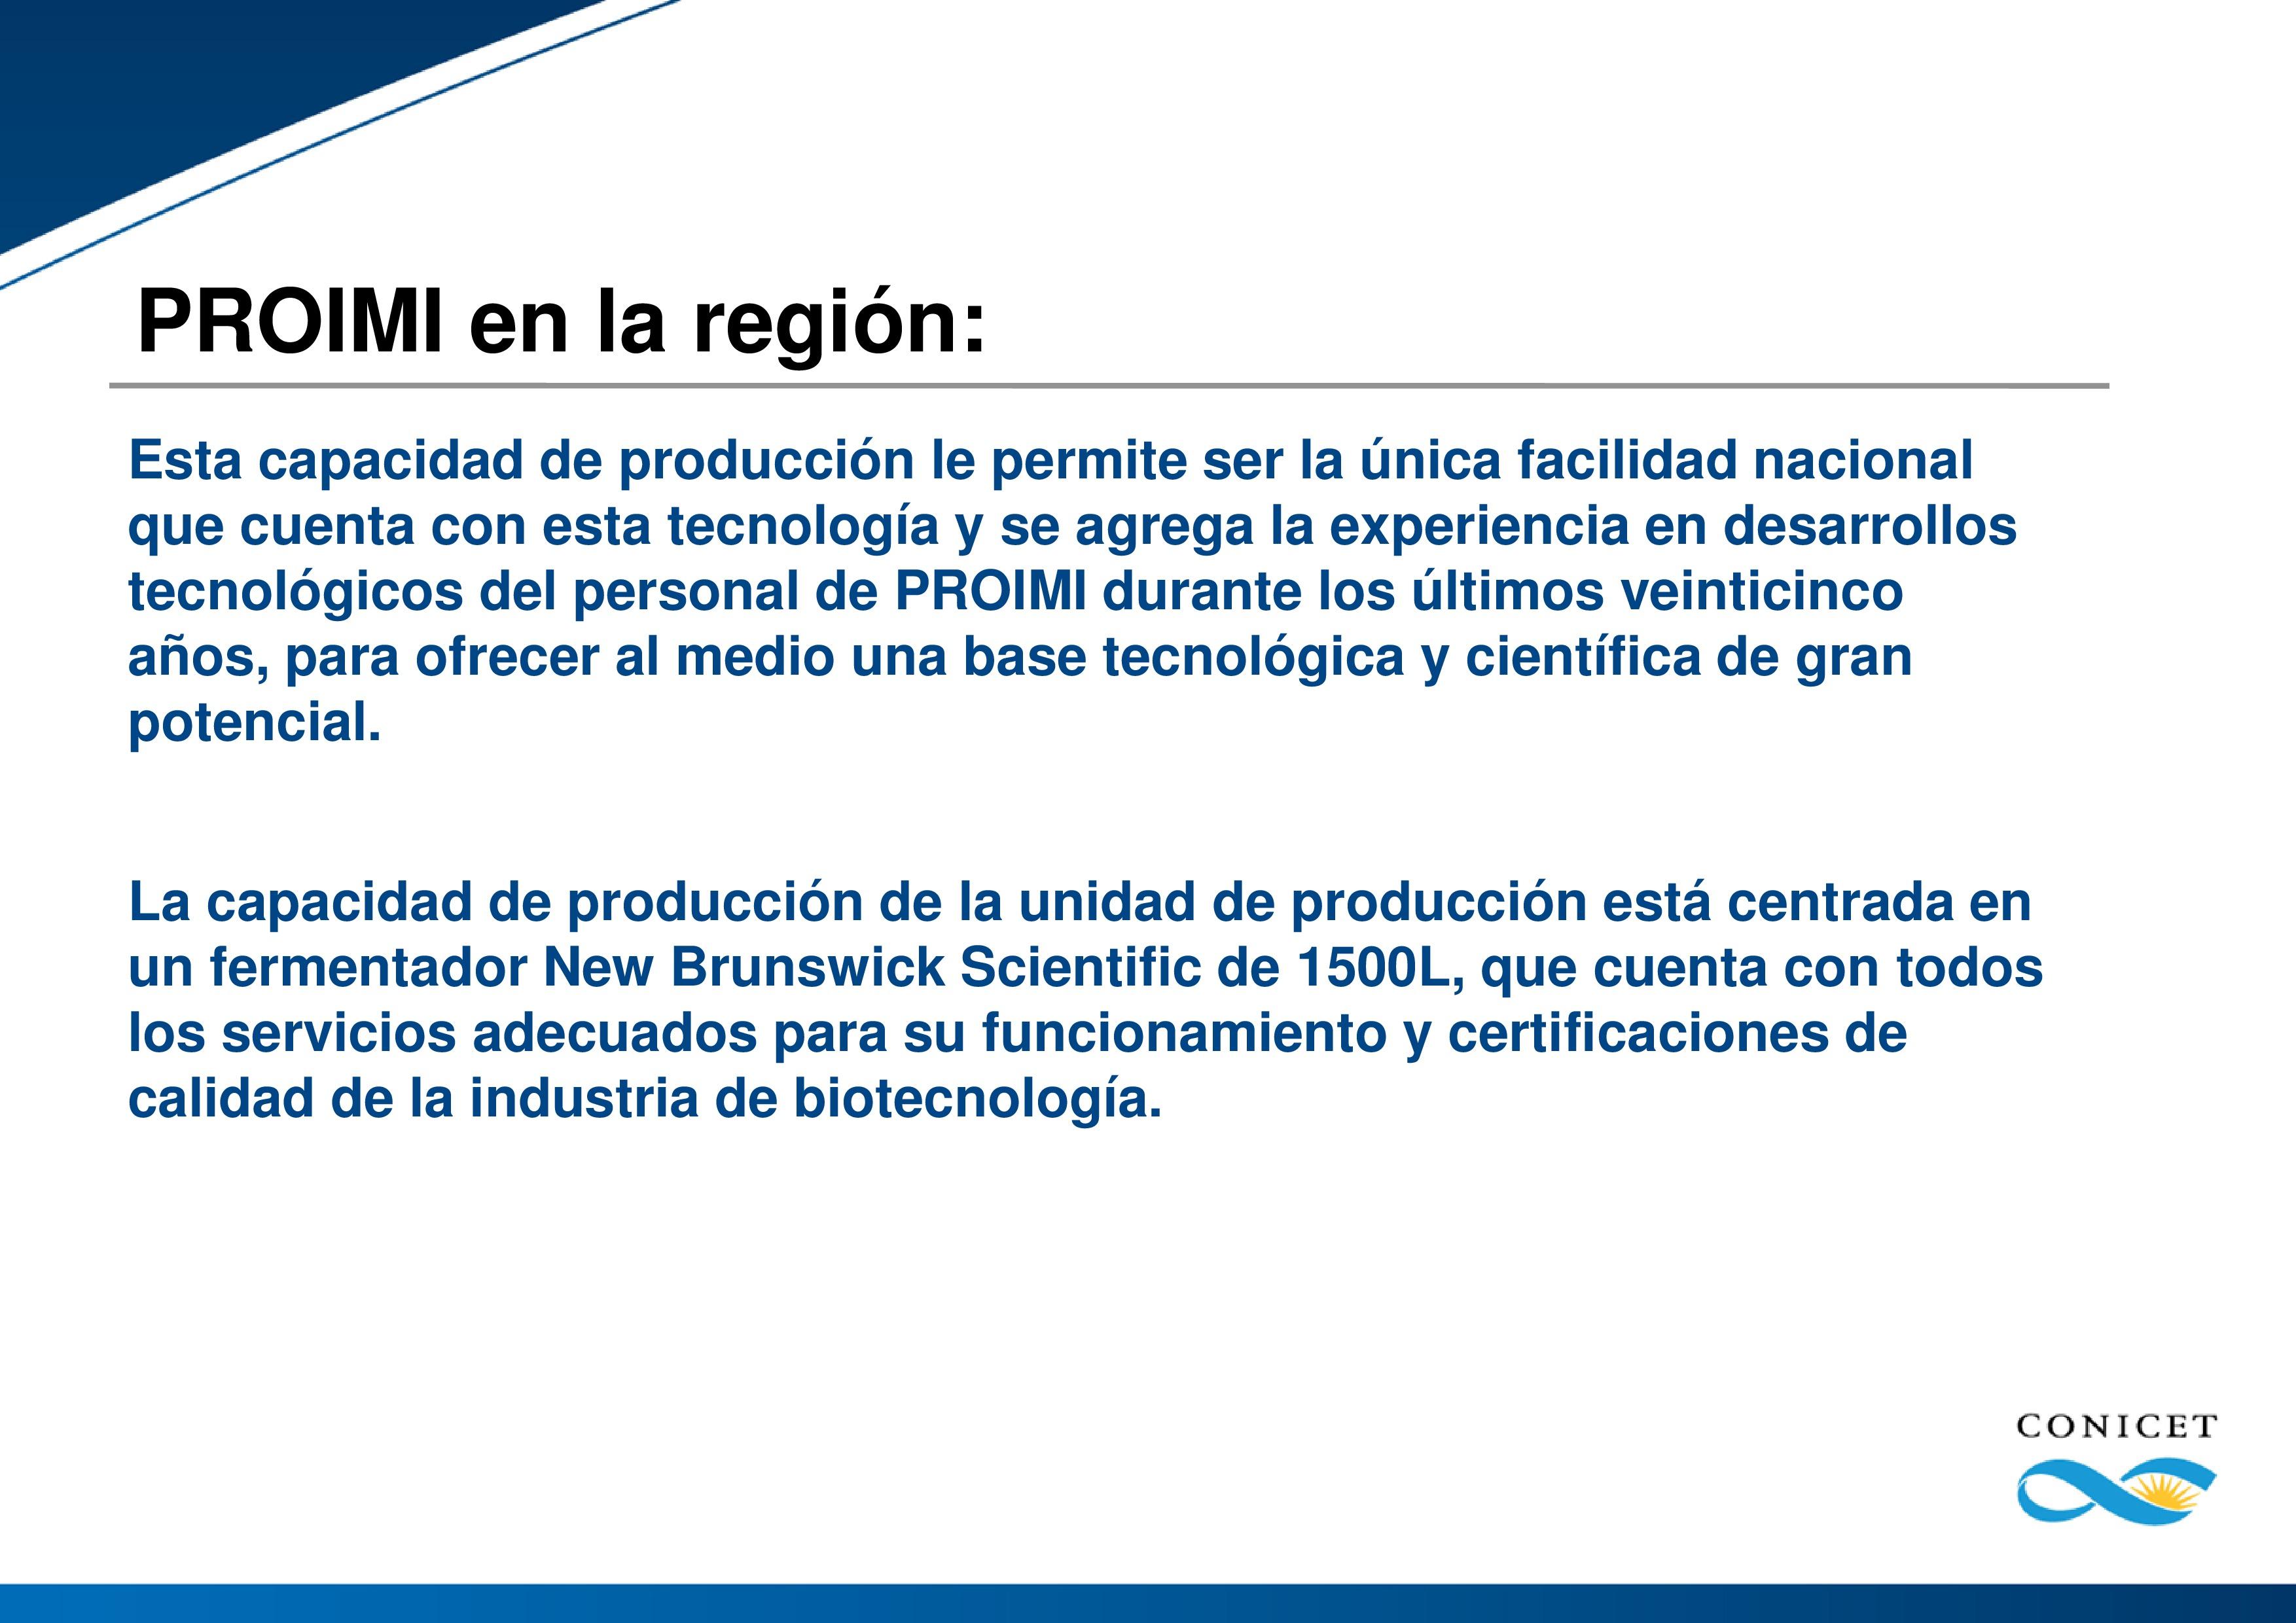 PROIMI (Planta Piloto de Procesos Industriales Microbiológicos)